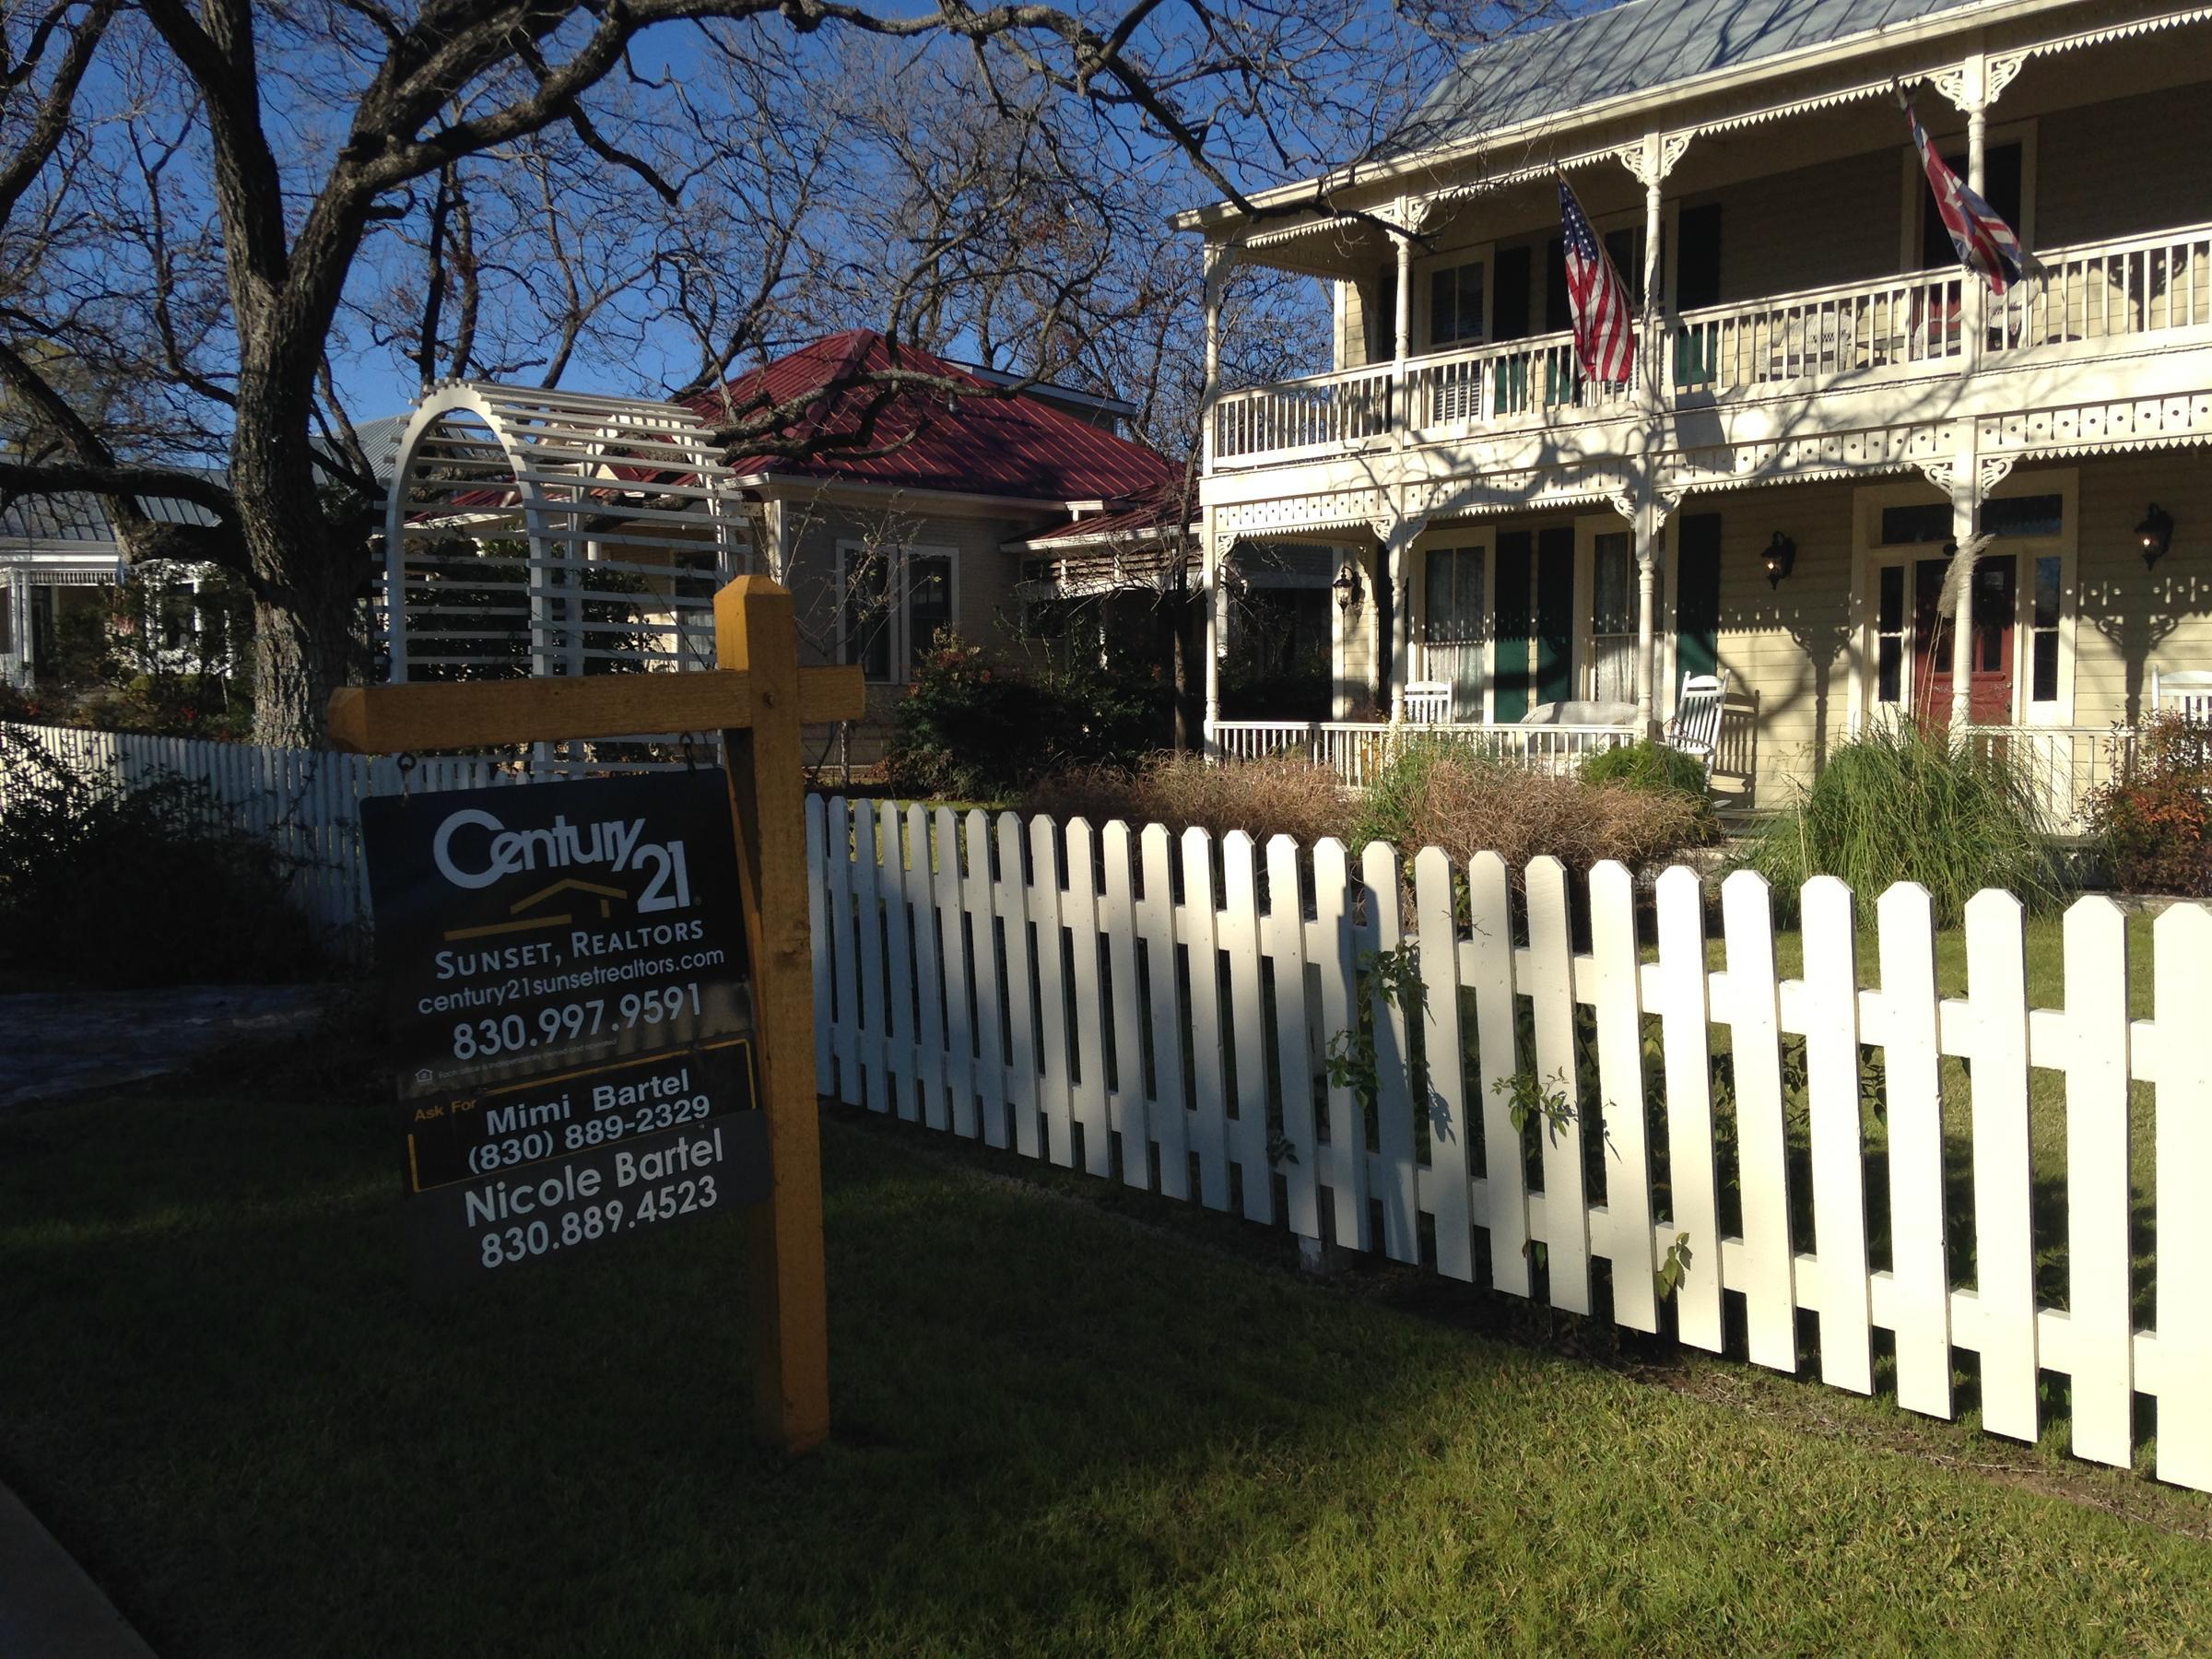 fredericksburg workforce struggles to find affordable housing